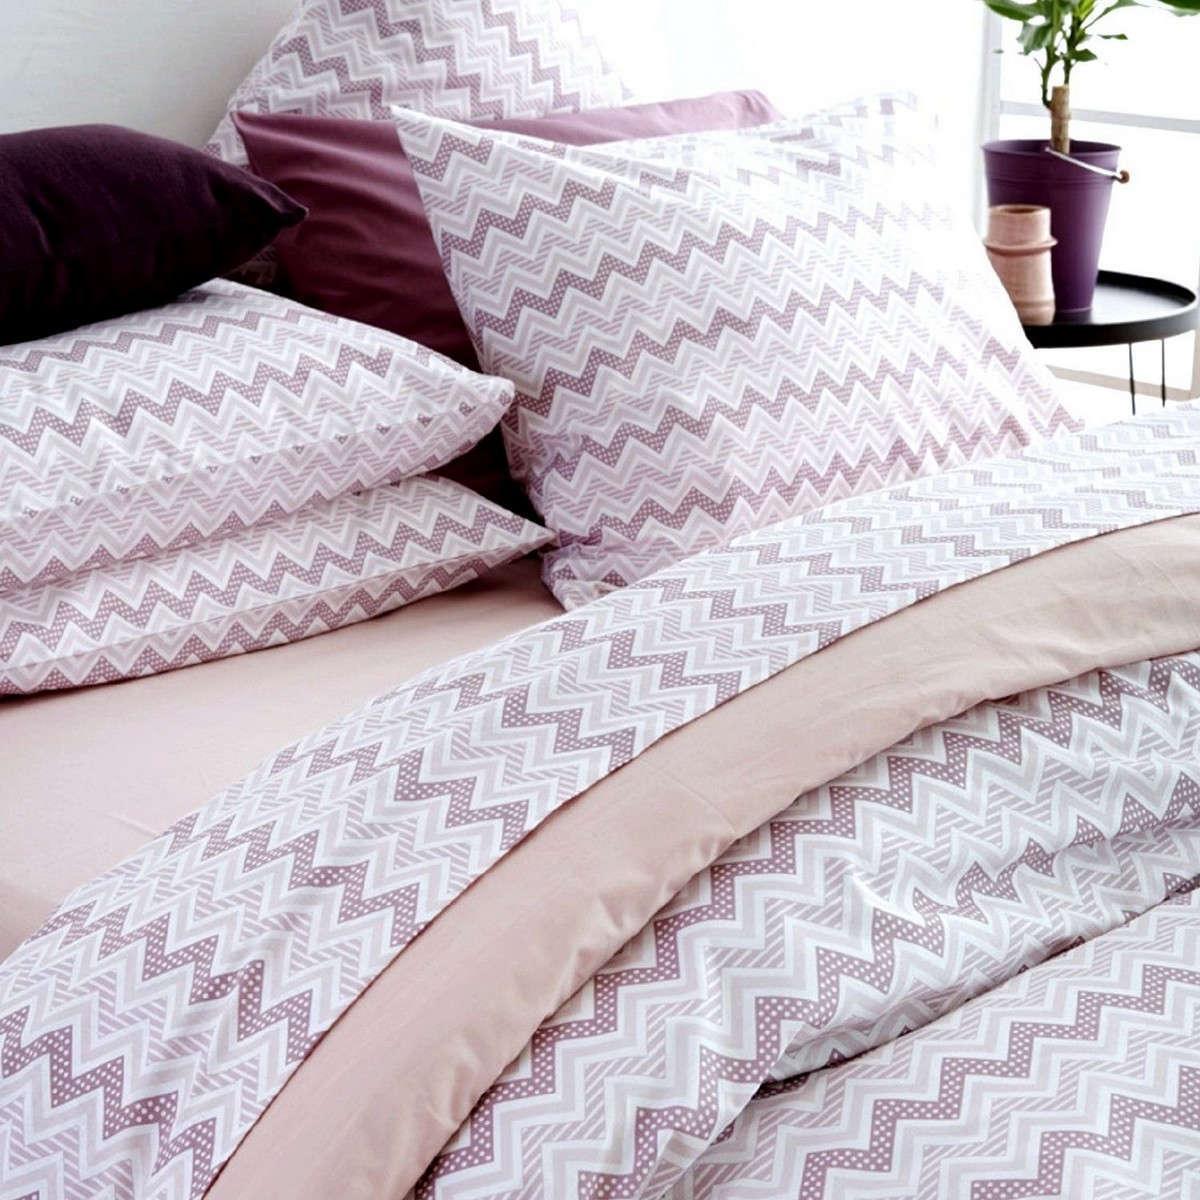 Μαξιλαροθήκες Σετ 2τμχ Waves Pink Sb Home 50Χ70 50x70cm